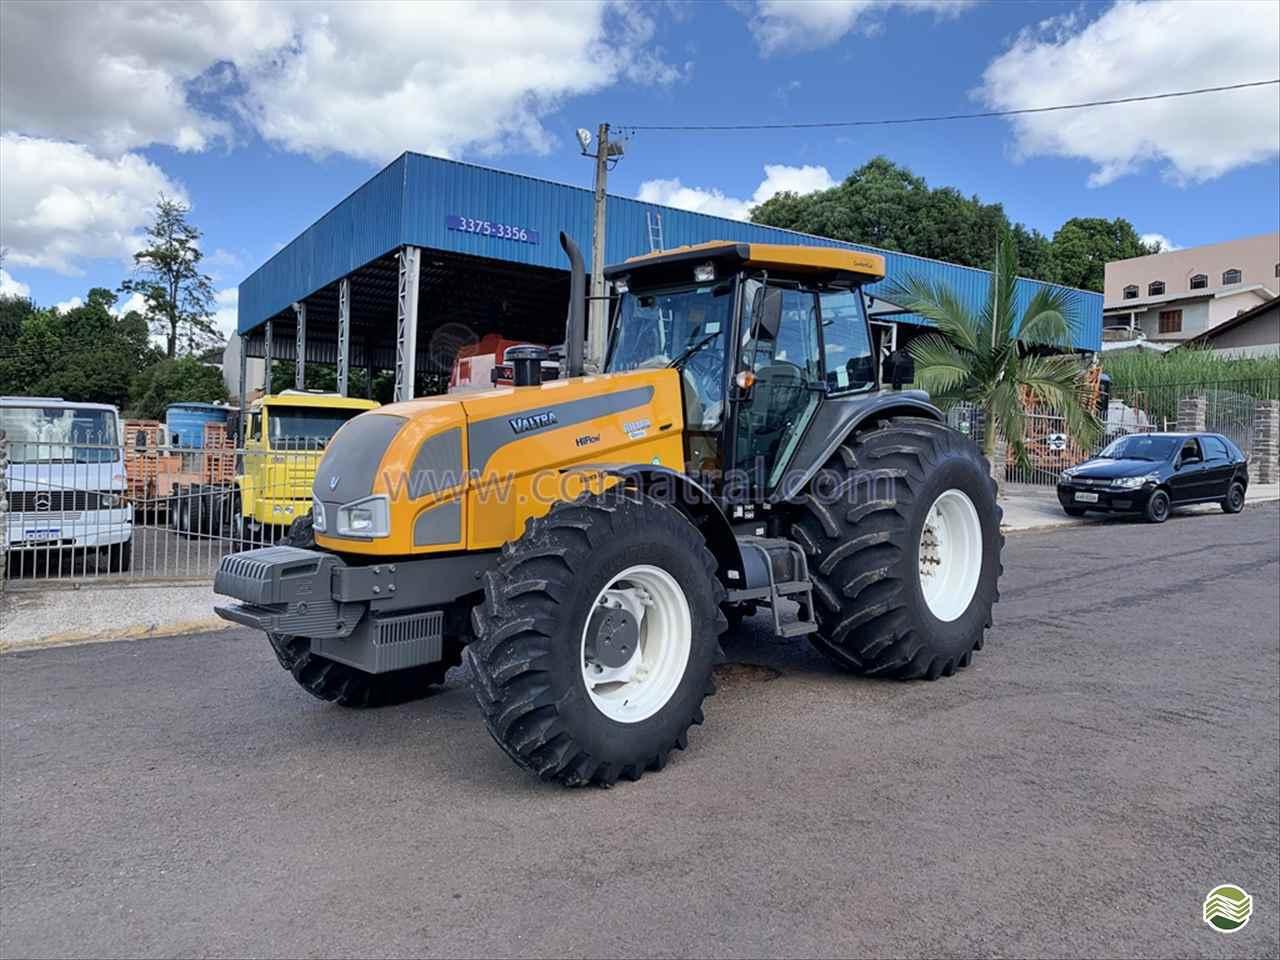 TRATOR VALTRA VALTRA BH 180 Tração 4x4 Comatral Caminhões e Máquinas Agrícolas PANAMBI RIO GRANDE DO SUL RS